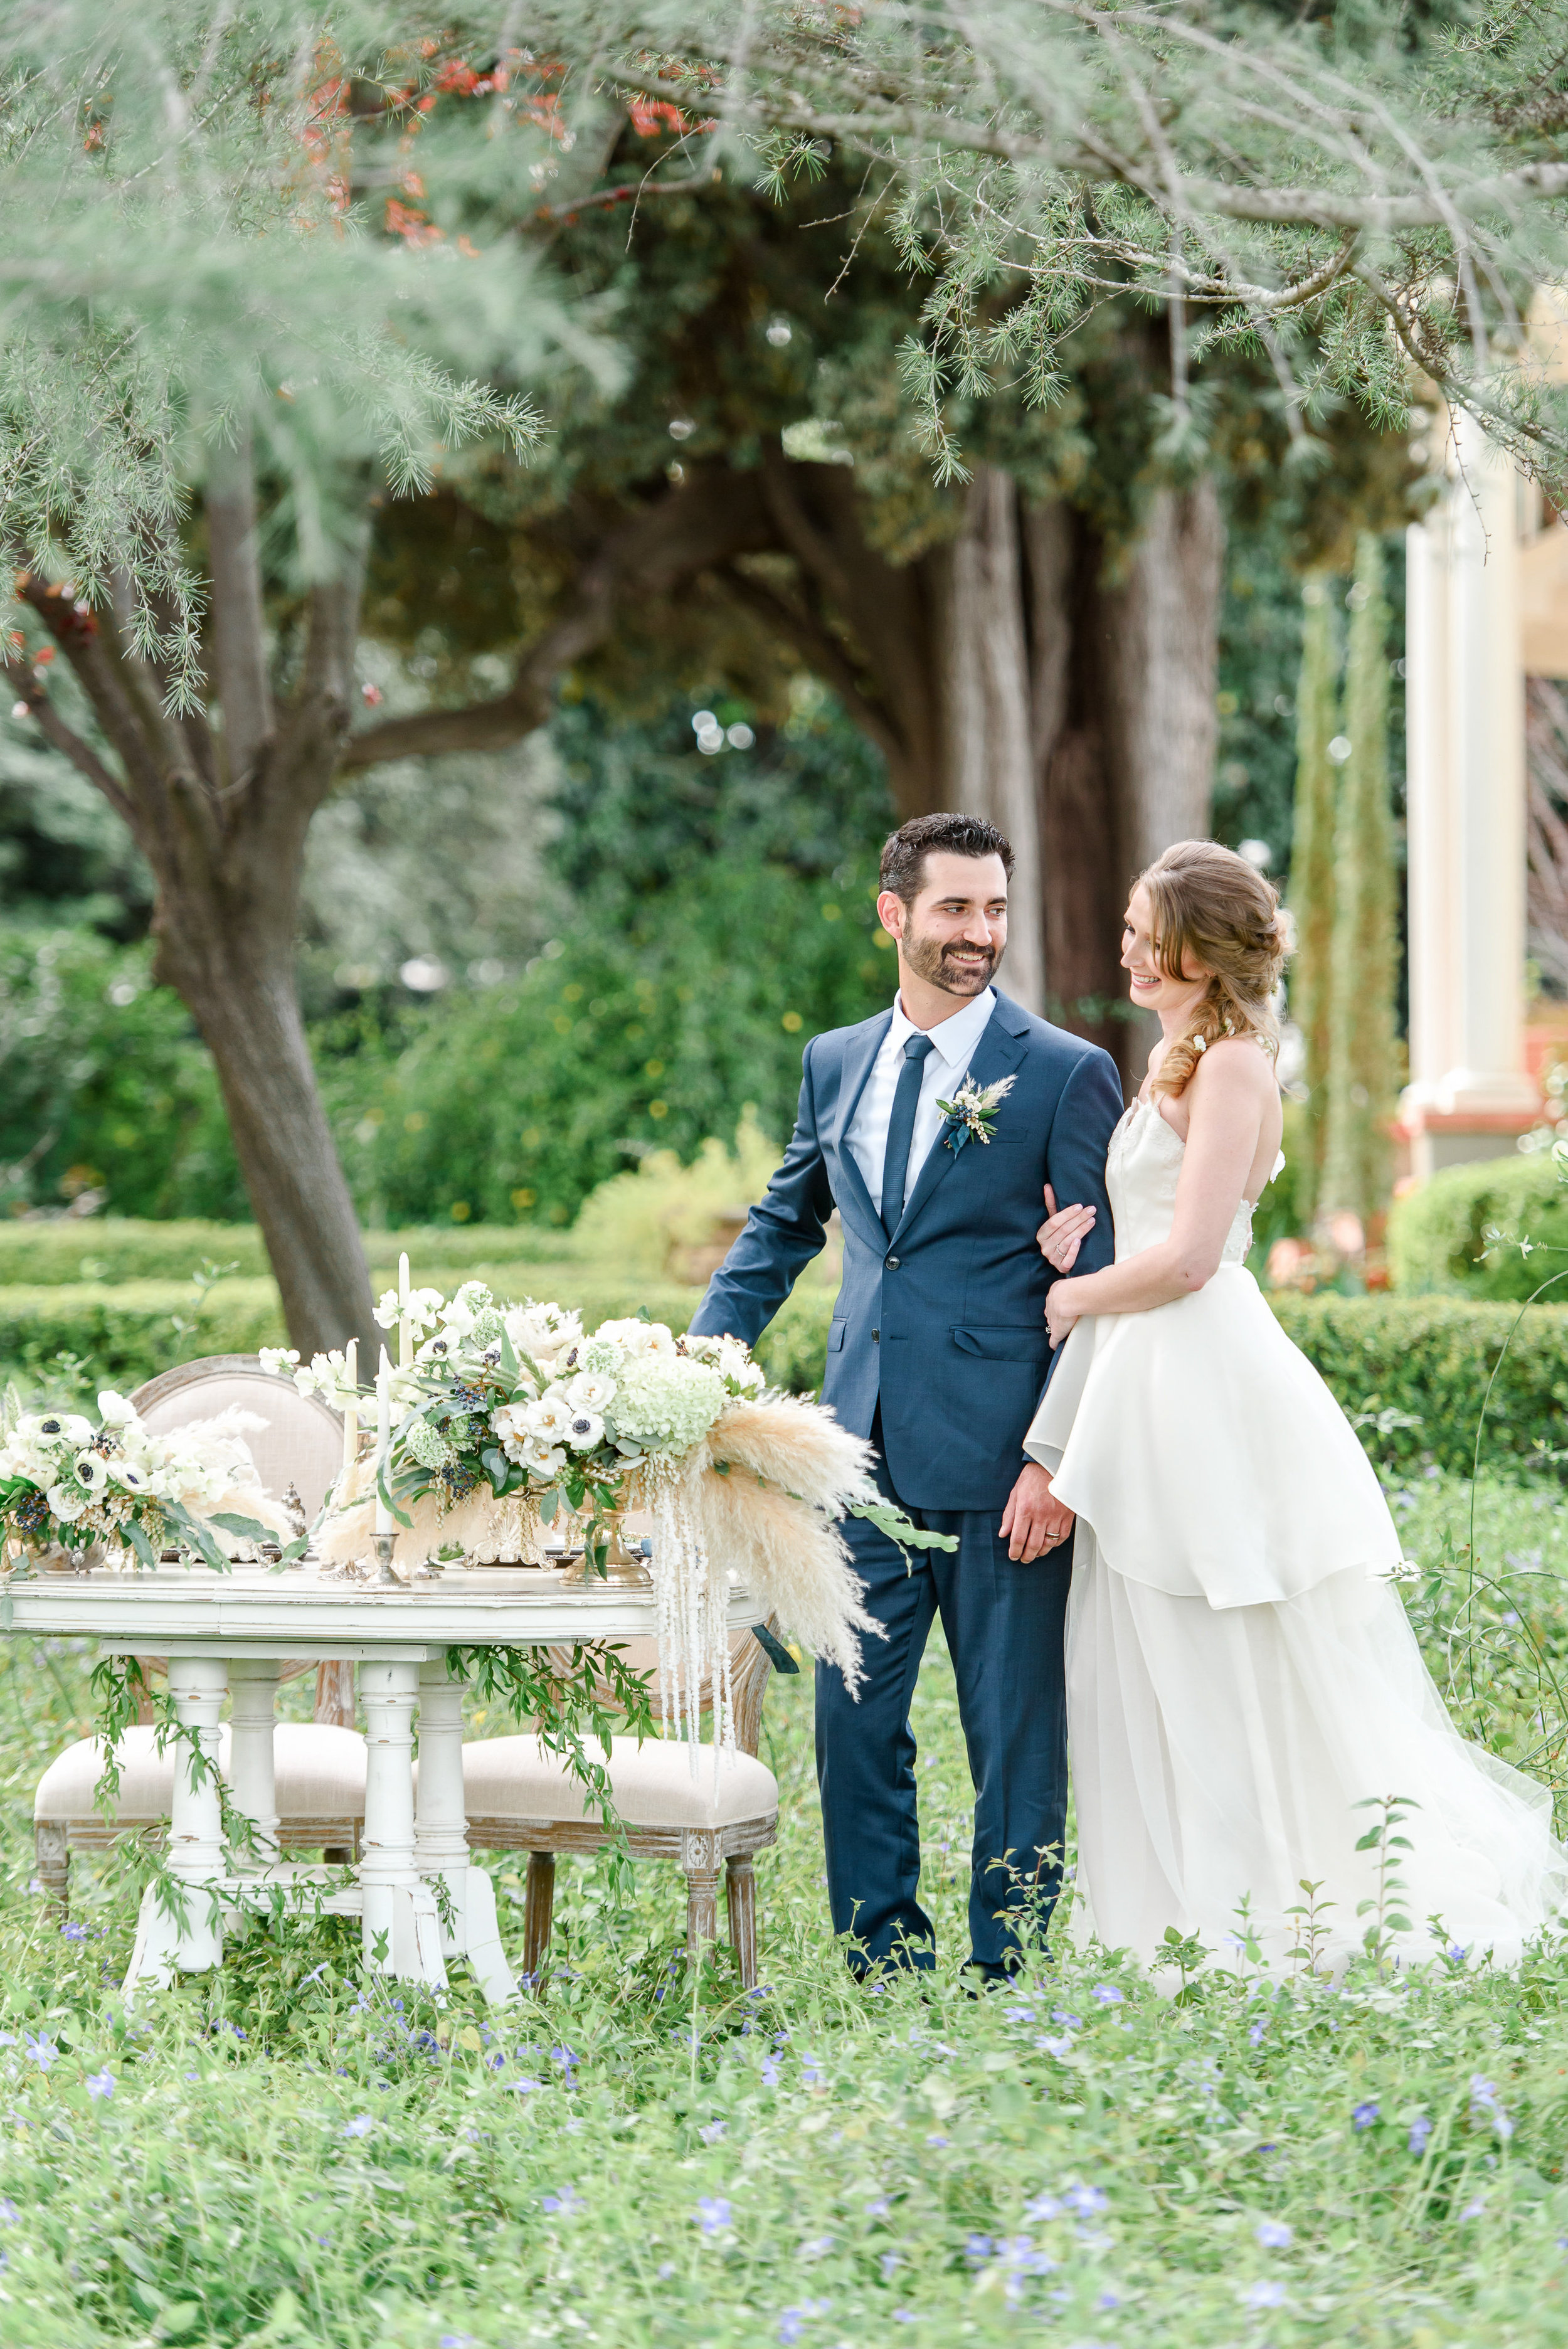 Garden Wedding Inspiration | Wedding Sweetheart Table